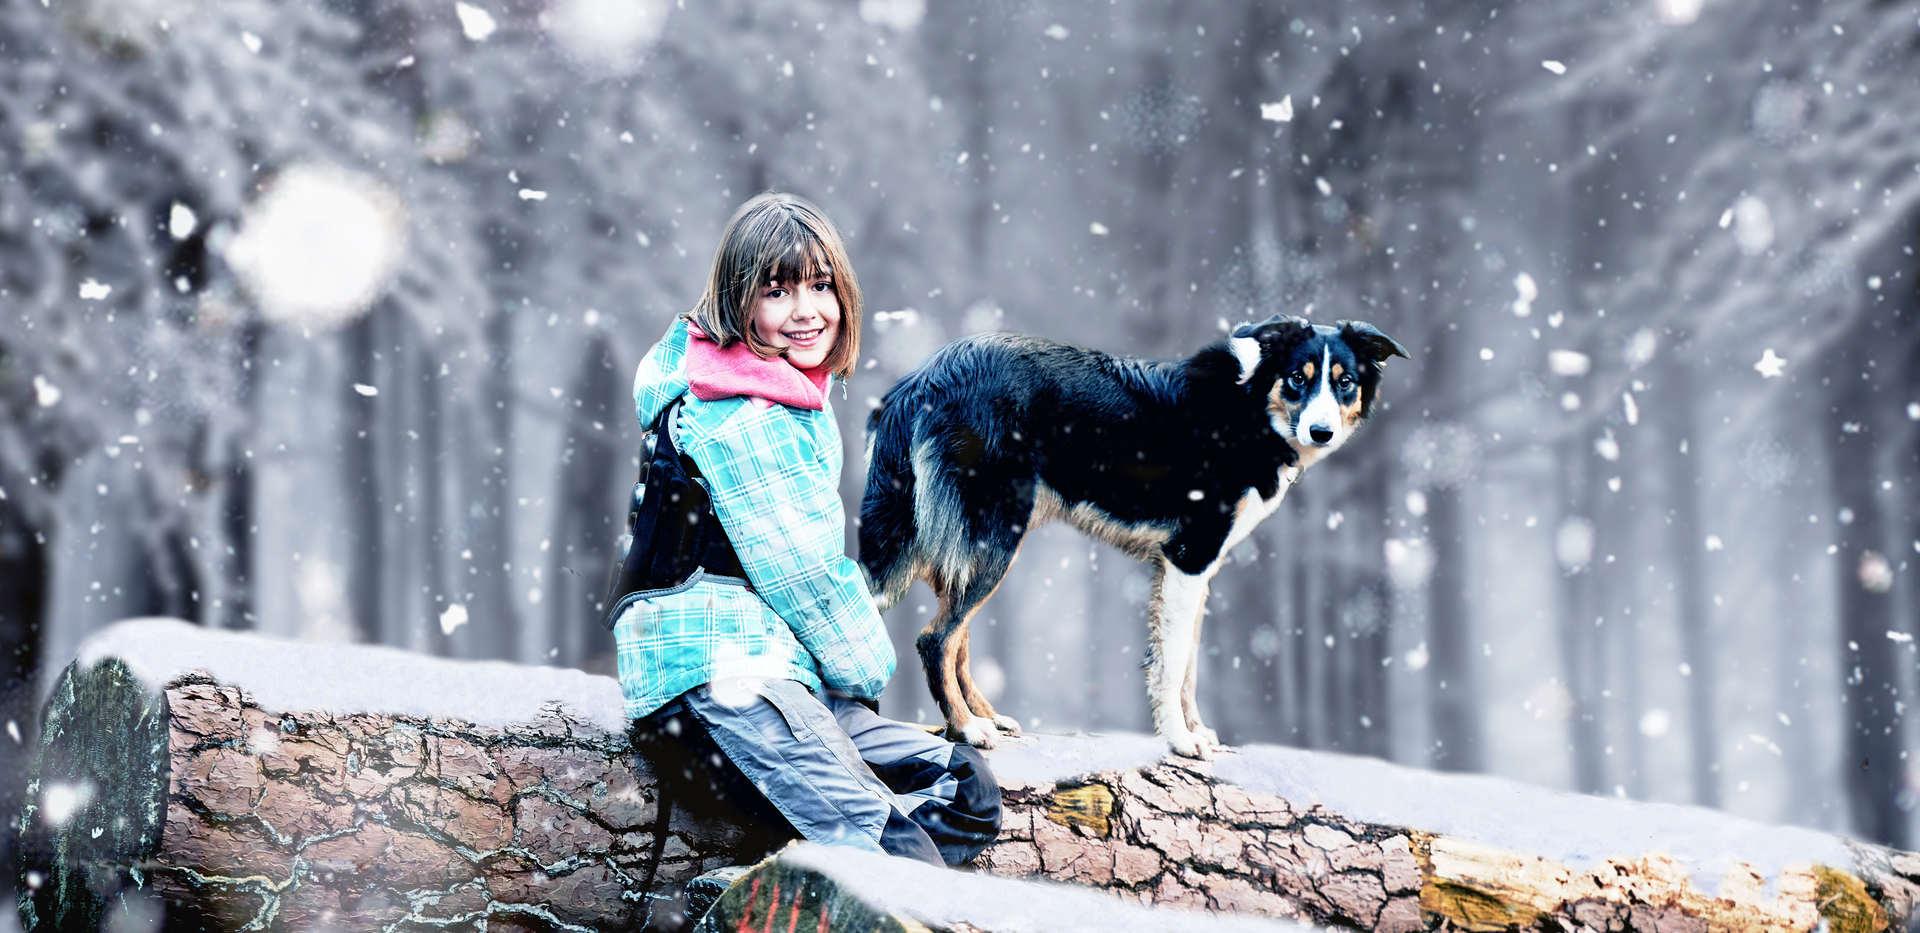 Mädchen mit Hund im verschneiten Wald- Familienfotografie Zentralschweiz